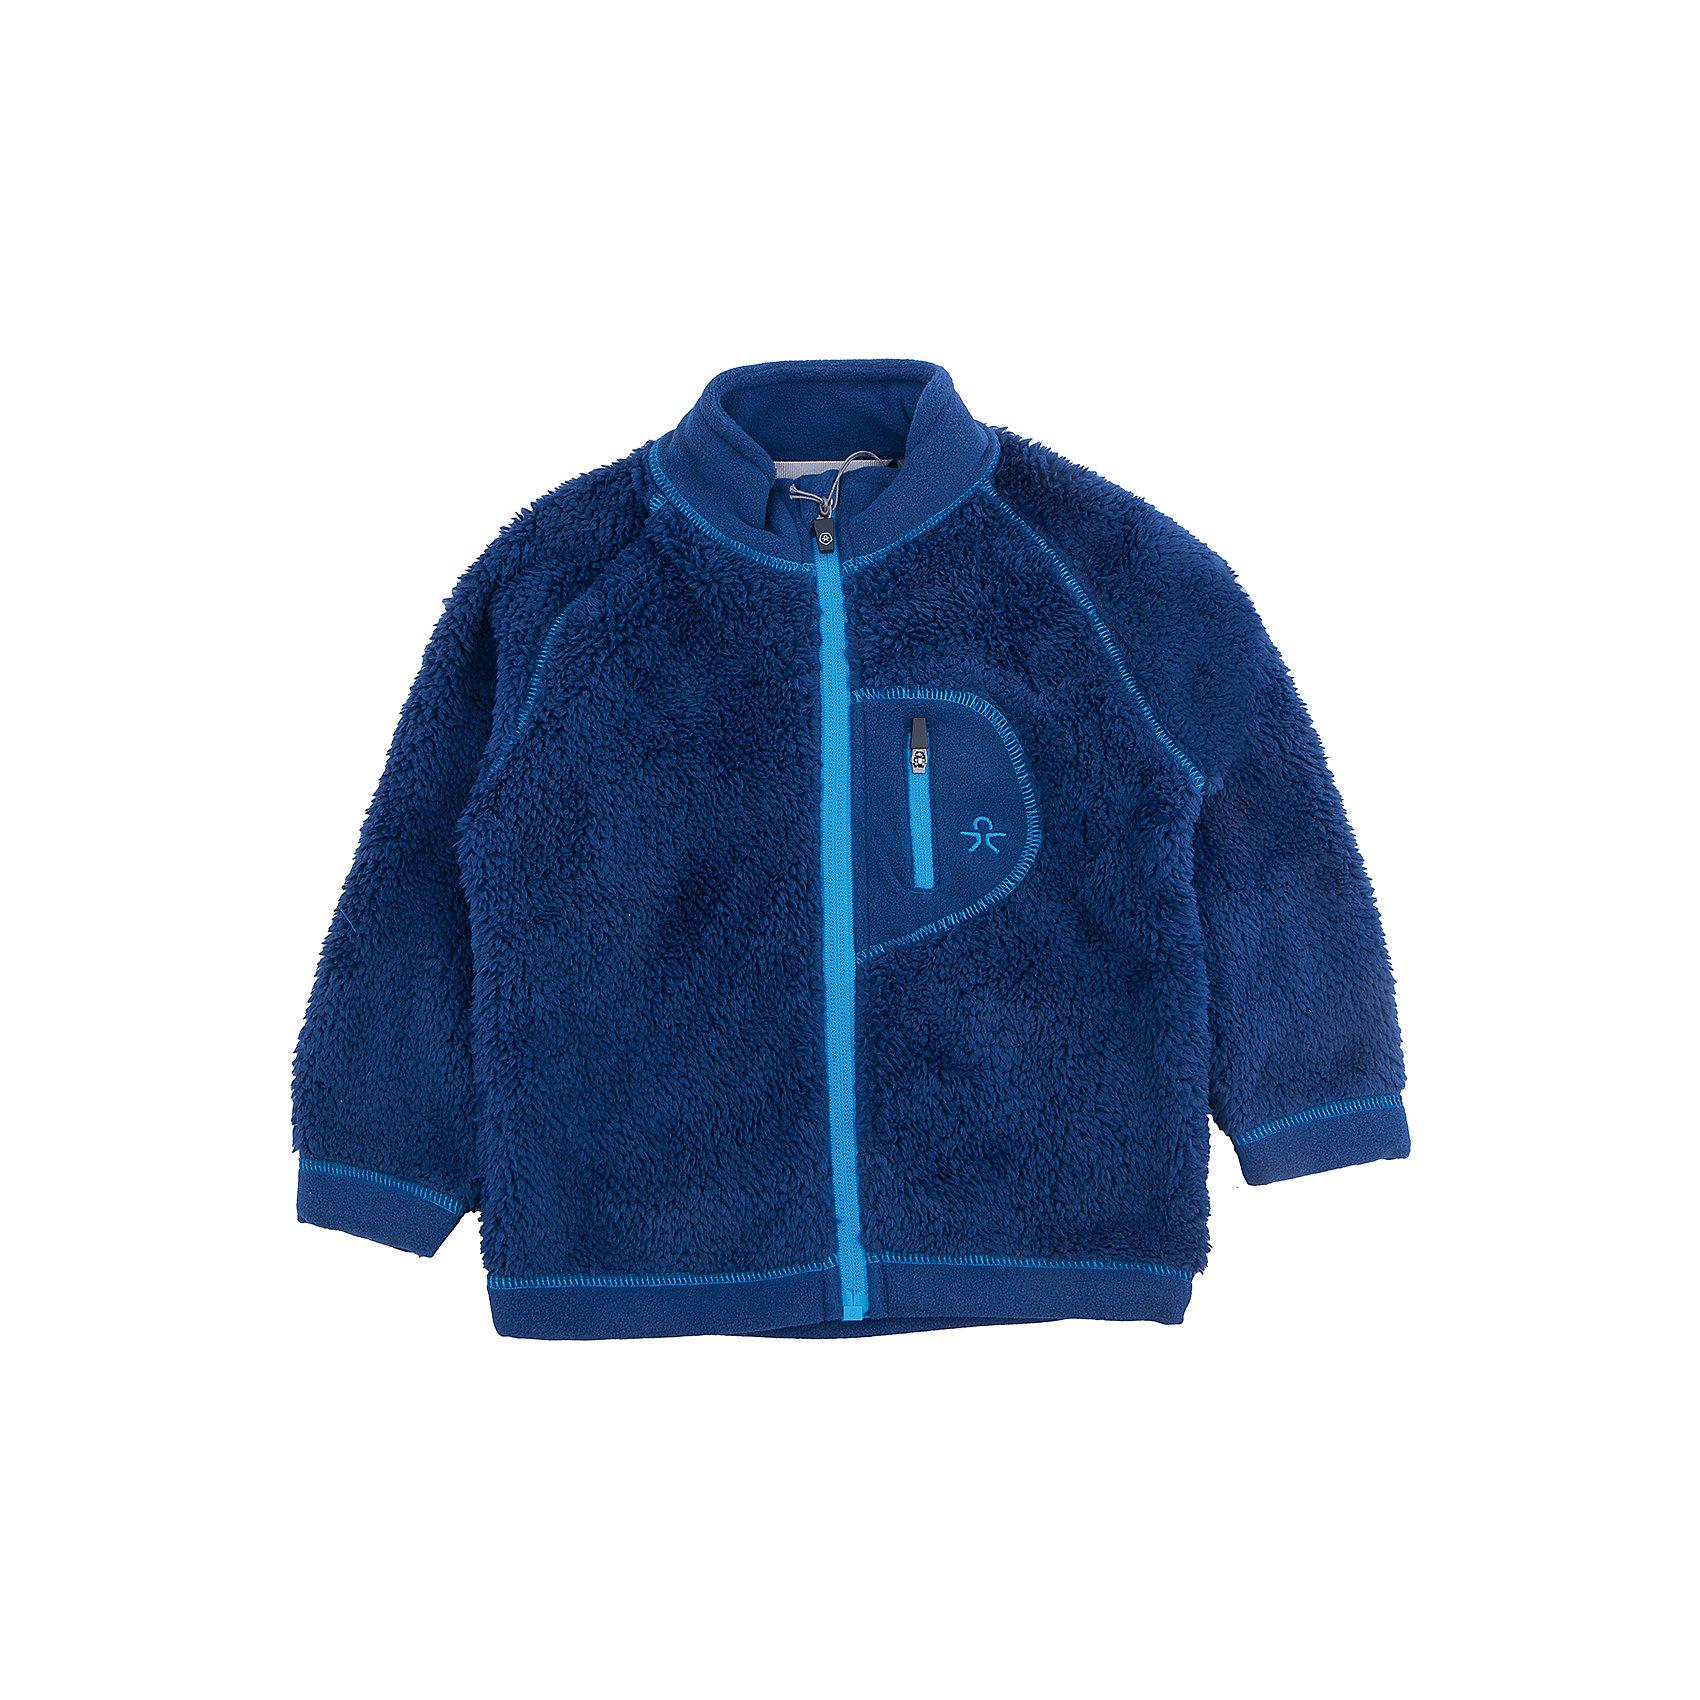 Куртка для мальчика Color KidsФлис и термобелье<br>Характеристики товара:<br><br>• цвет: синий<br>• состав: 100 % полиэстер, микро-флис клееный с ворсом<br>• мягкая отделка низа и рукавов<br>• мягкий воротник<br>• застежка: молния<br>• карман на молнии на груди<br>• защита подбородка<br>• логотип<br>• комфортная посадка<br>• страна бренда: Дания<br><br>Эта симпатичная и удобная куртка сделана из теплого мягкого флиса, поэтому отлично подойдет для создания дополнительного слоя в одежде. Она комфортно сидит и обеспечивает ребенку необходимое удобство и тепло.<br><br>Куртку для девочки от датского бренда Color Kids (Колор кидз) можно купить в нашем интернет-магазине.<br><br>Ширина мм: 356<br>Глубина мм: 10<br>Высота мм: 245<br>Вес г: 519<br>Цвет: синий<br>Возраст от месяцев: 24<br>Возраст до месяцев: 36<br>Пол: Мужской<br>Возраст: Детский<br>Размер: 98,80,86,92<br>SKU: 5442943